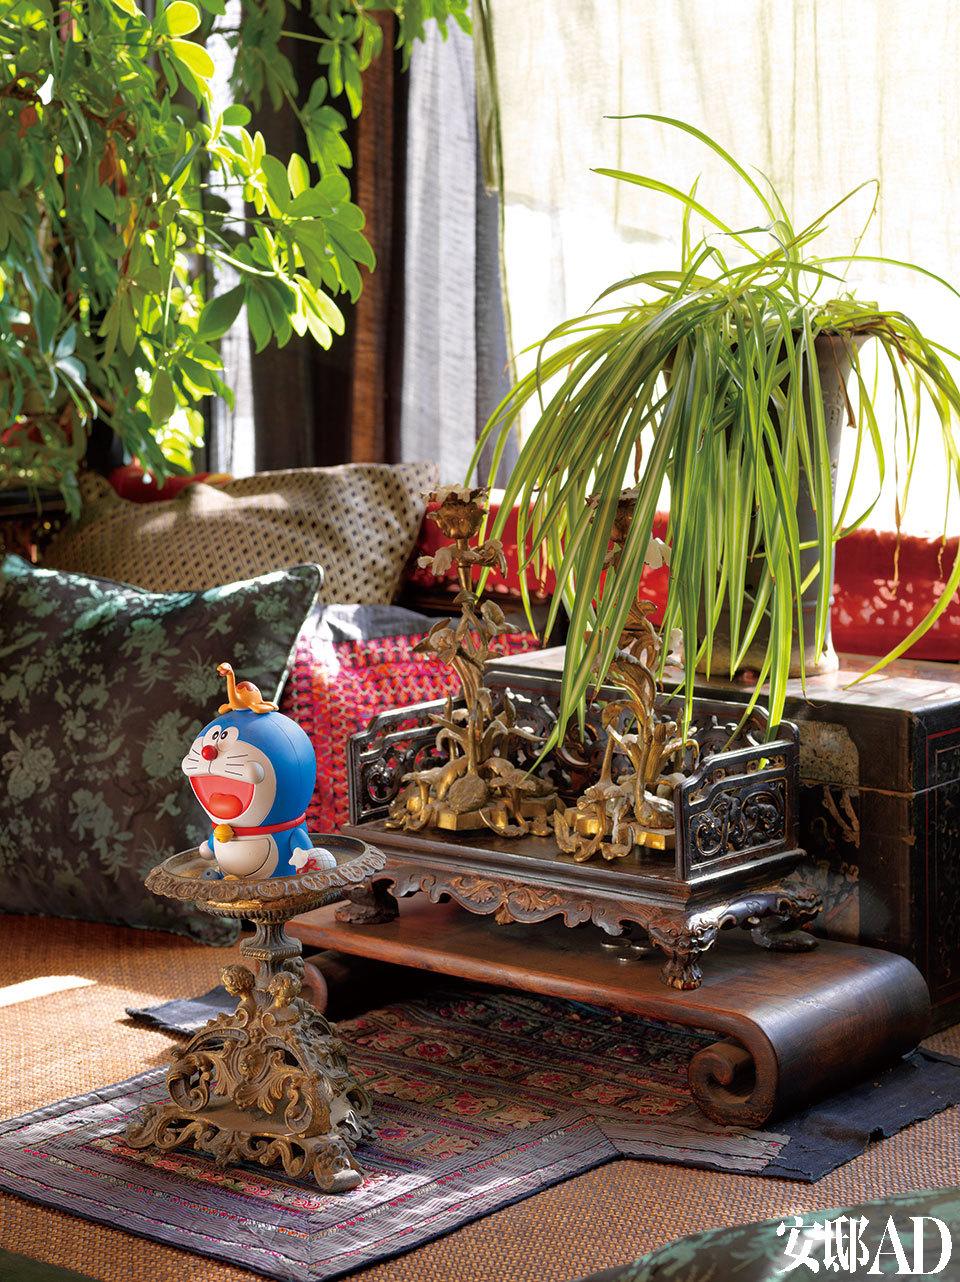 主人还喜欢把自己的心气藏在许多细节里,像客厅老架子上,似供台的小矮桌前却是头顶小乌龟的哆啦A梦,是不是很戏谑?